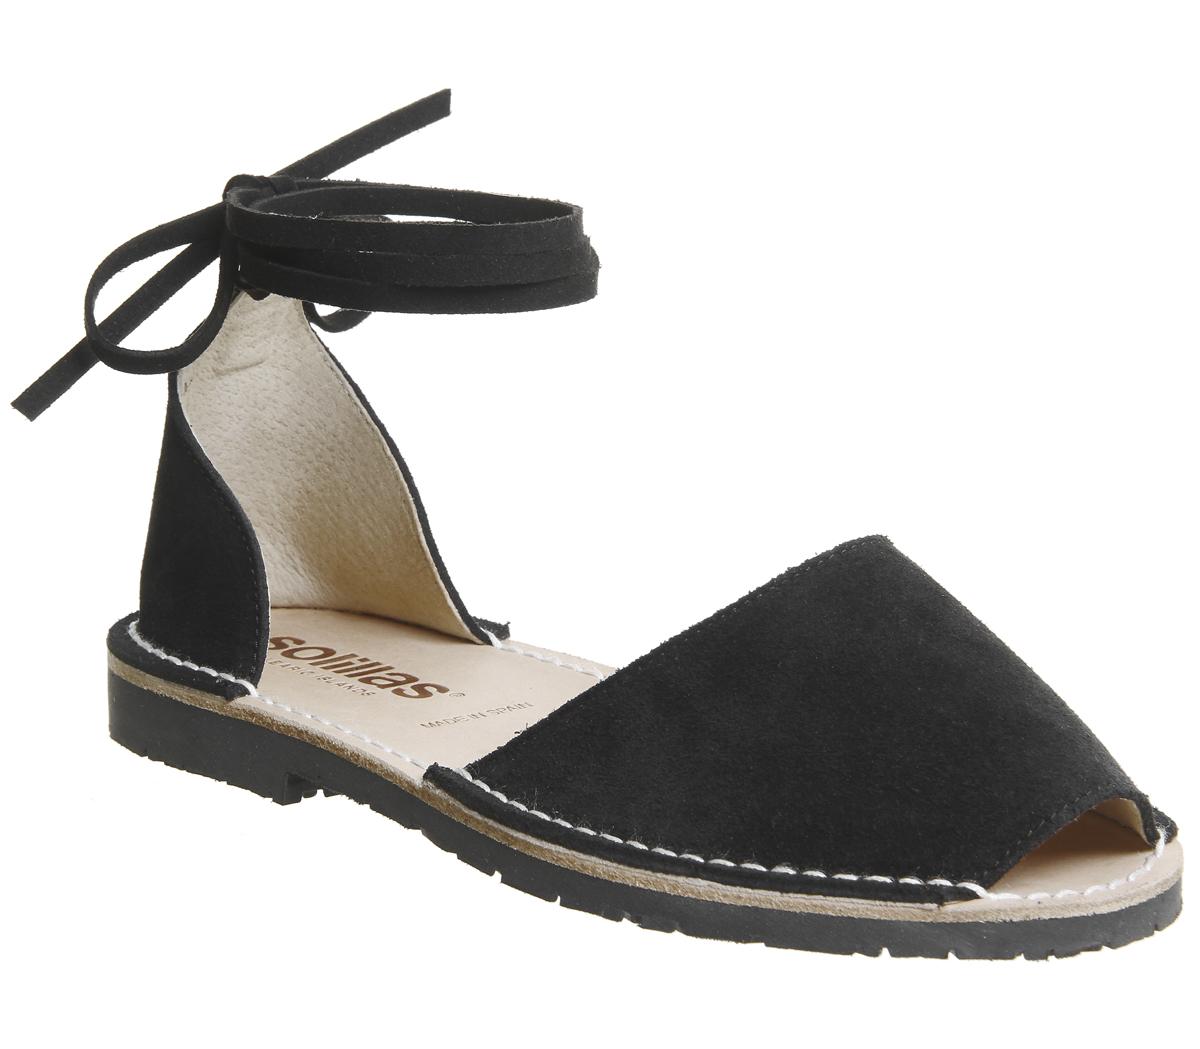 Damenschuhe Damenschuhe Damenschuhe Solillas Ankle Tie Sandales BLACK SUEDE Sandales a5f4b8